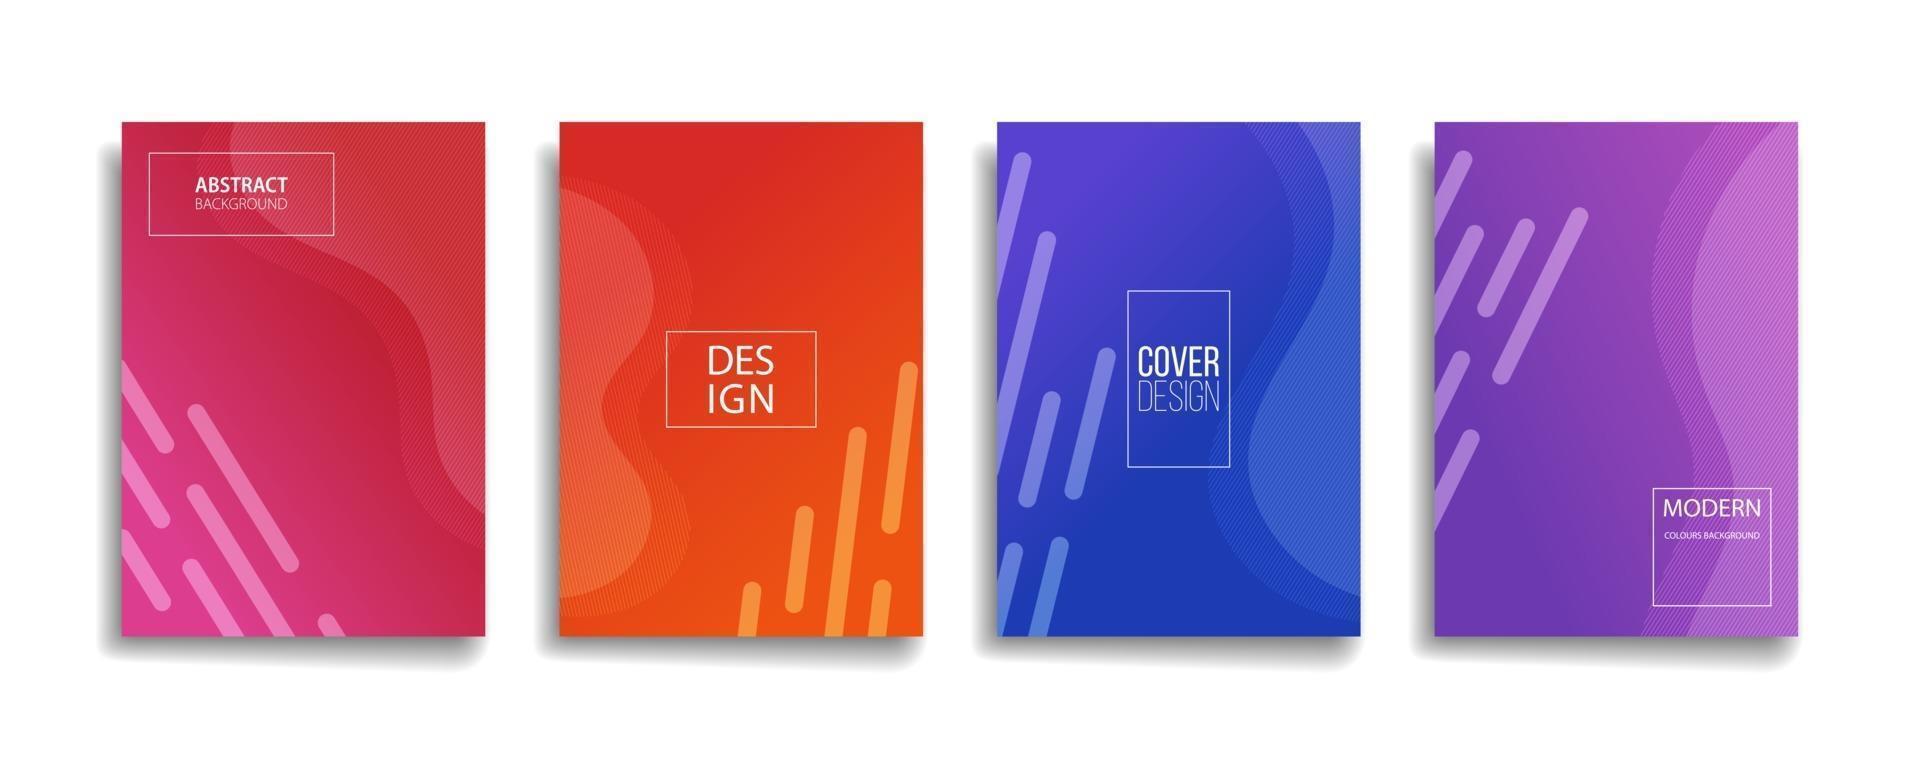 Diseño de portada de fondo de patrón de línea abstracta de color degradado brillante. diseño de fondo moderno con colores vibrantes vivos y de moda. Plantilla de portada de vector de cartel de cartel verde naranja rojo violeta azul.